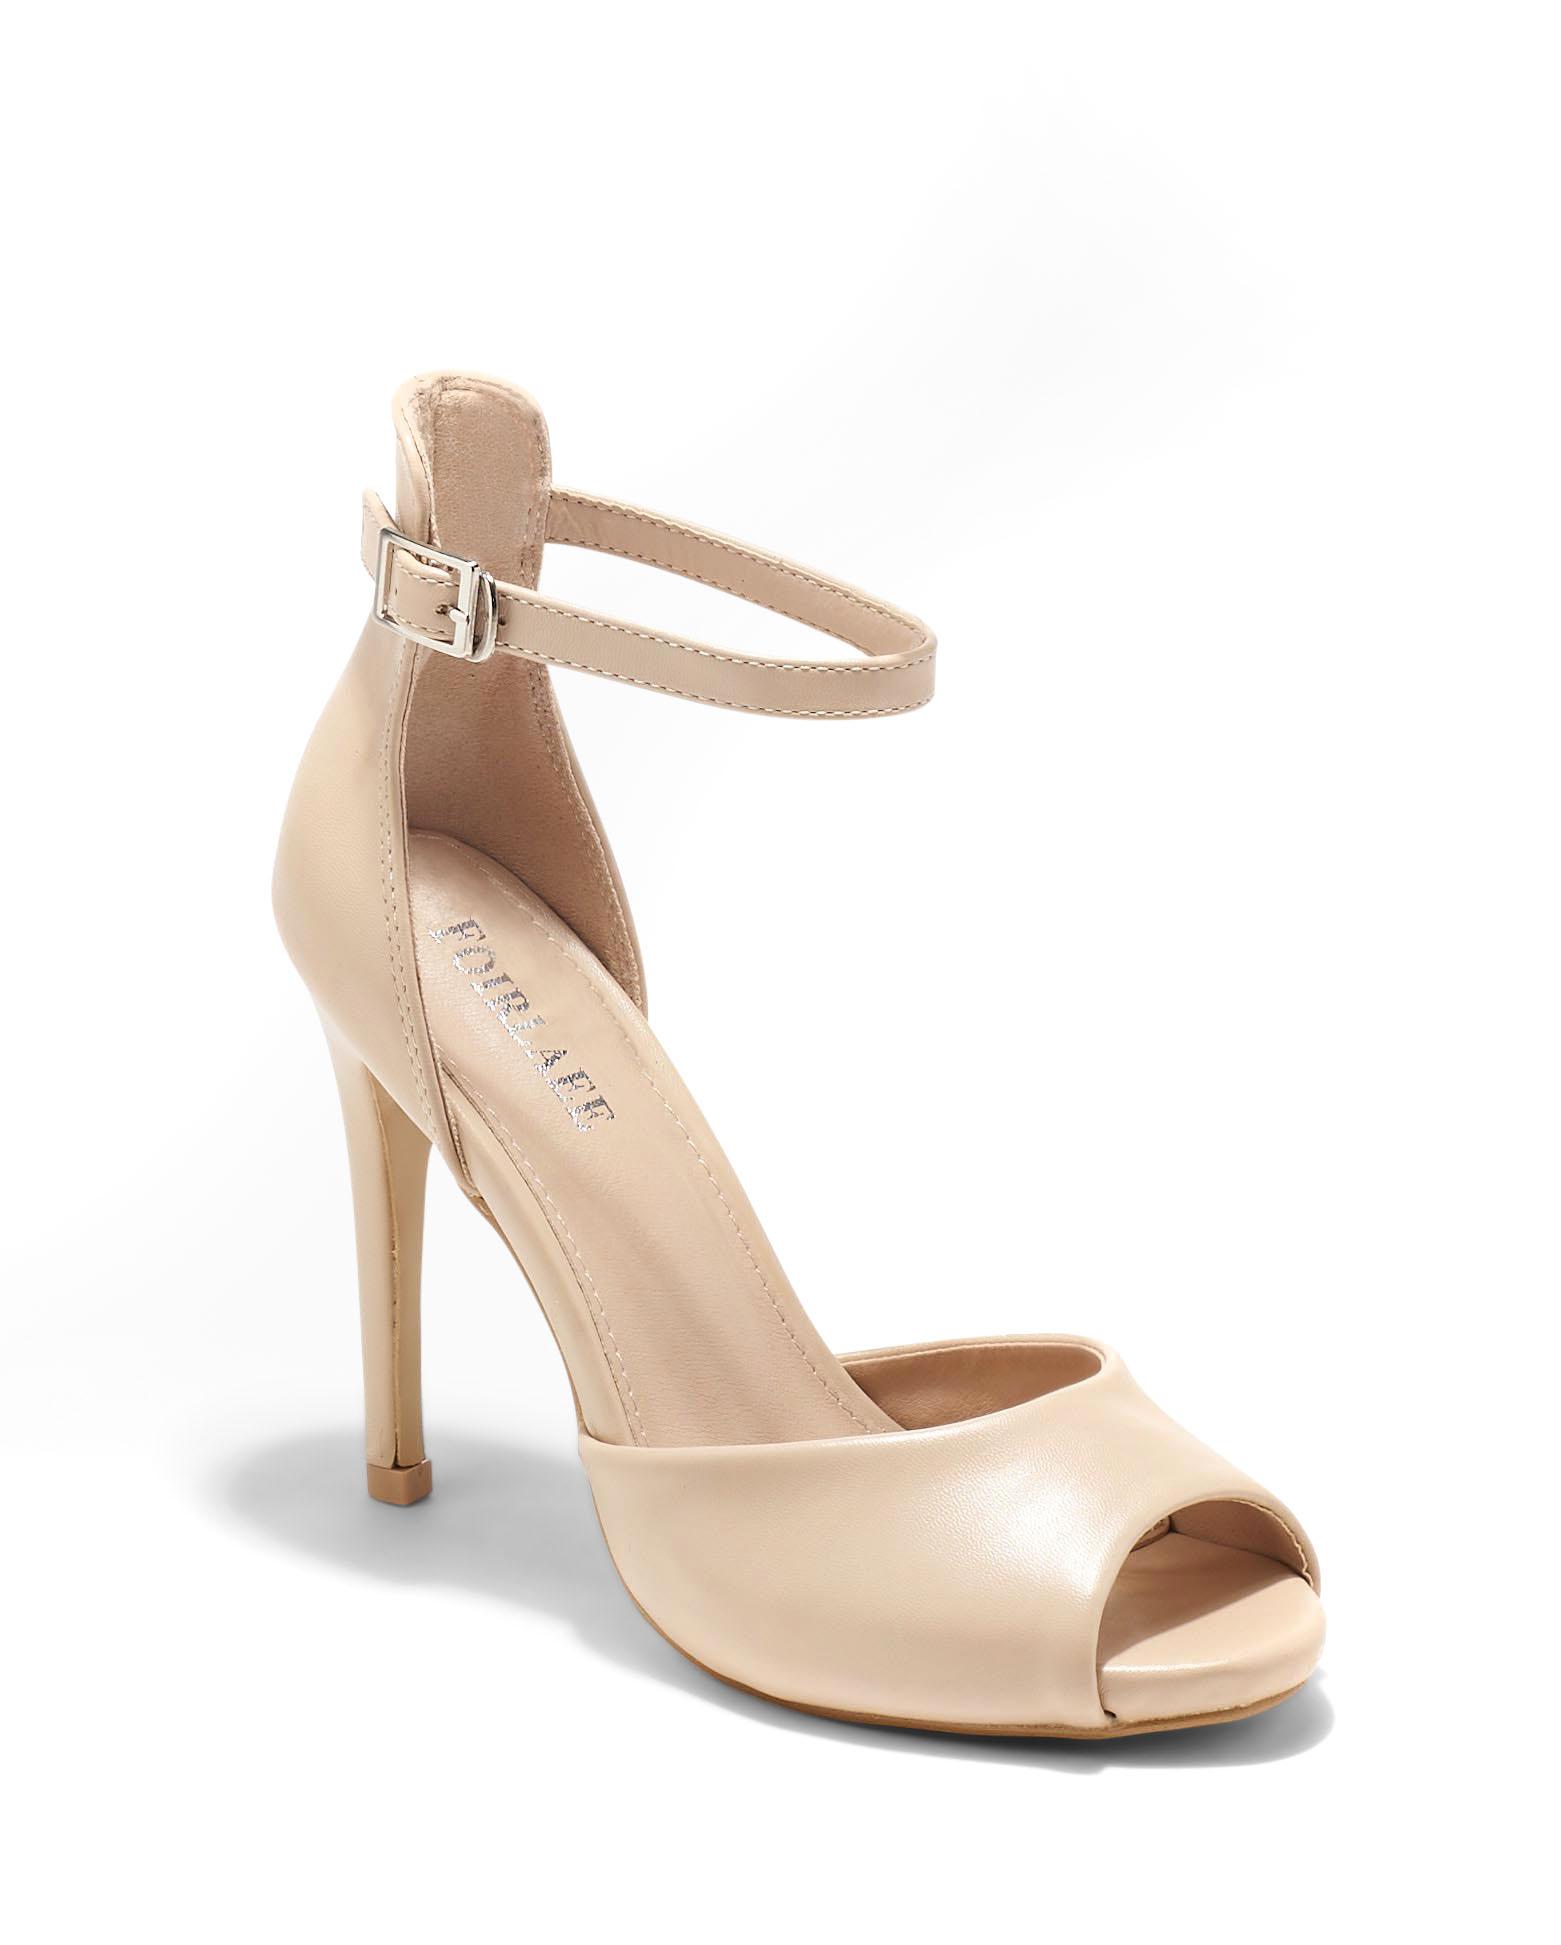 Sandales À Talons Femme - Sandale Talon Decrochee Beige Jina - 66244-1